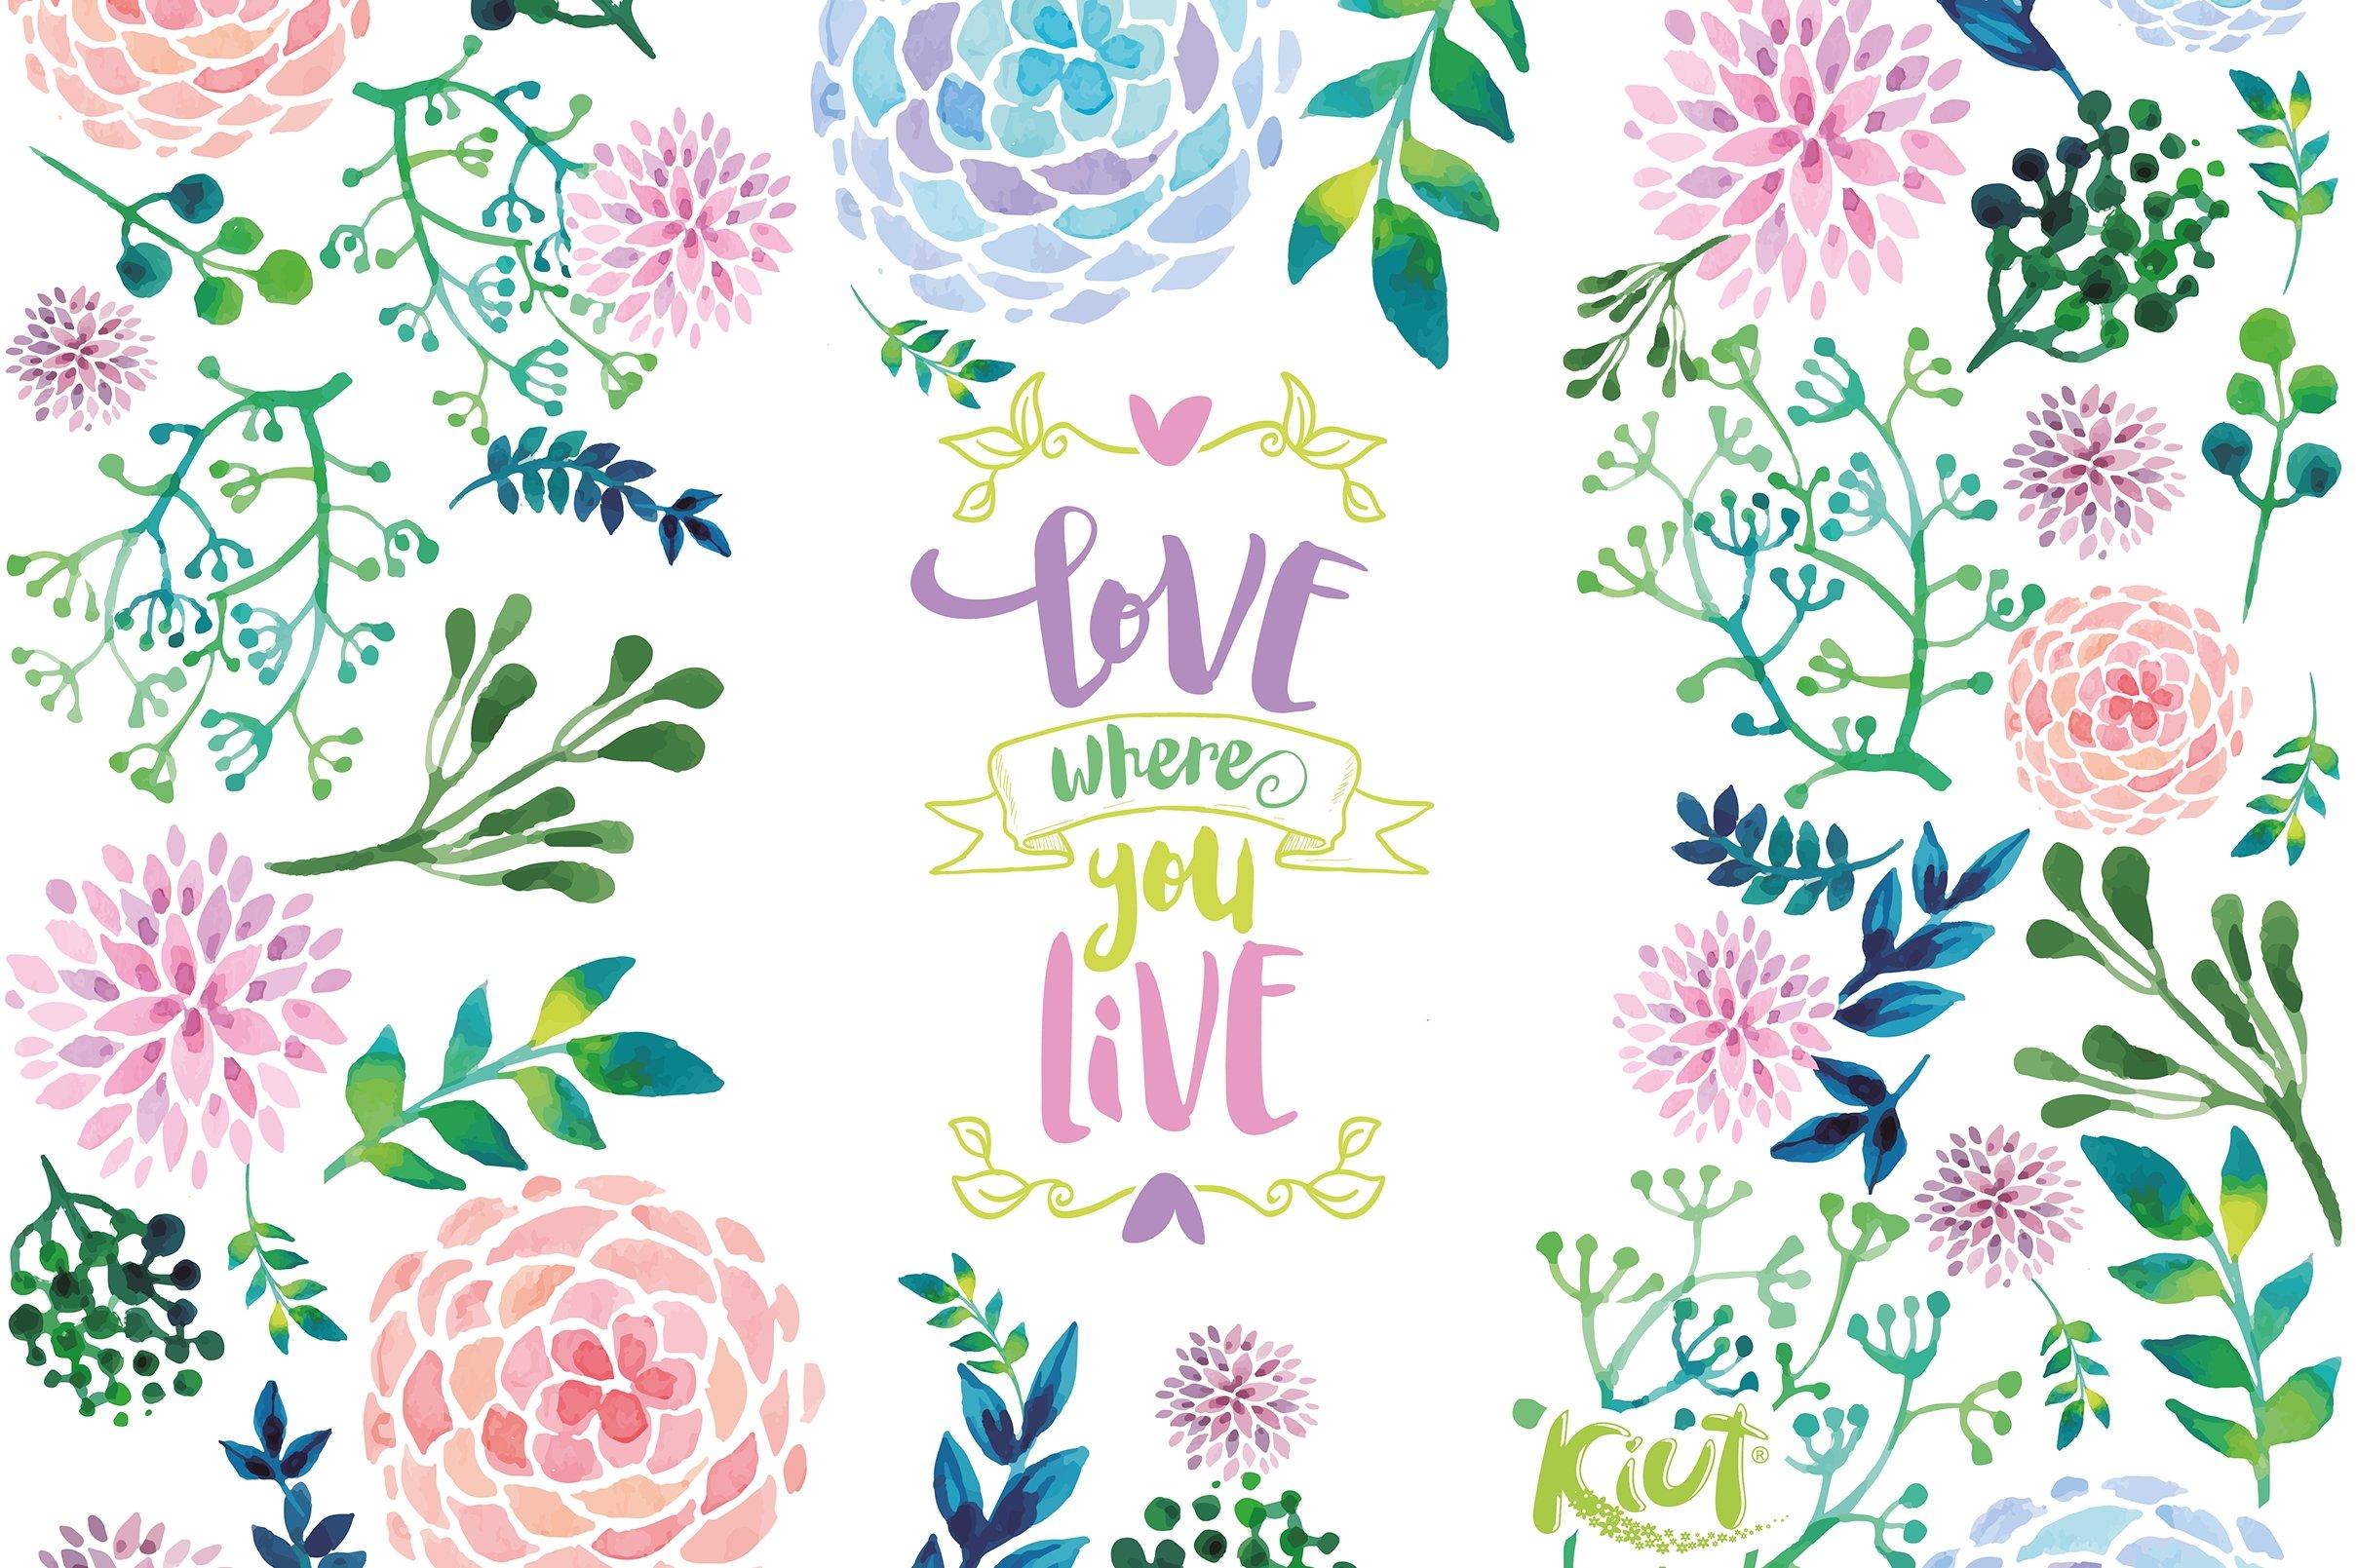 Fondos de pantalla Kiut Flores, Love where you live